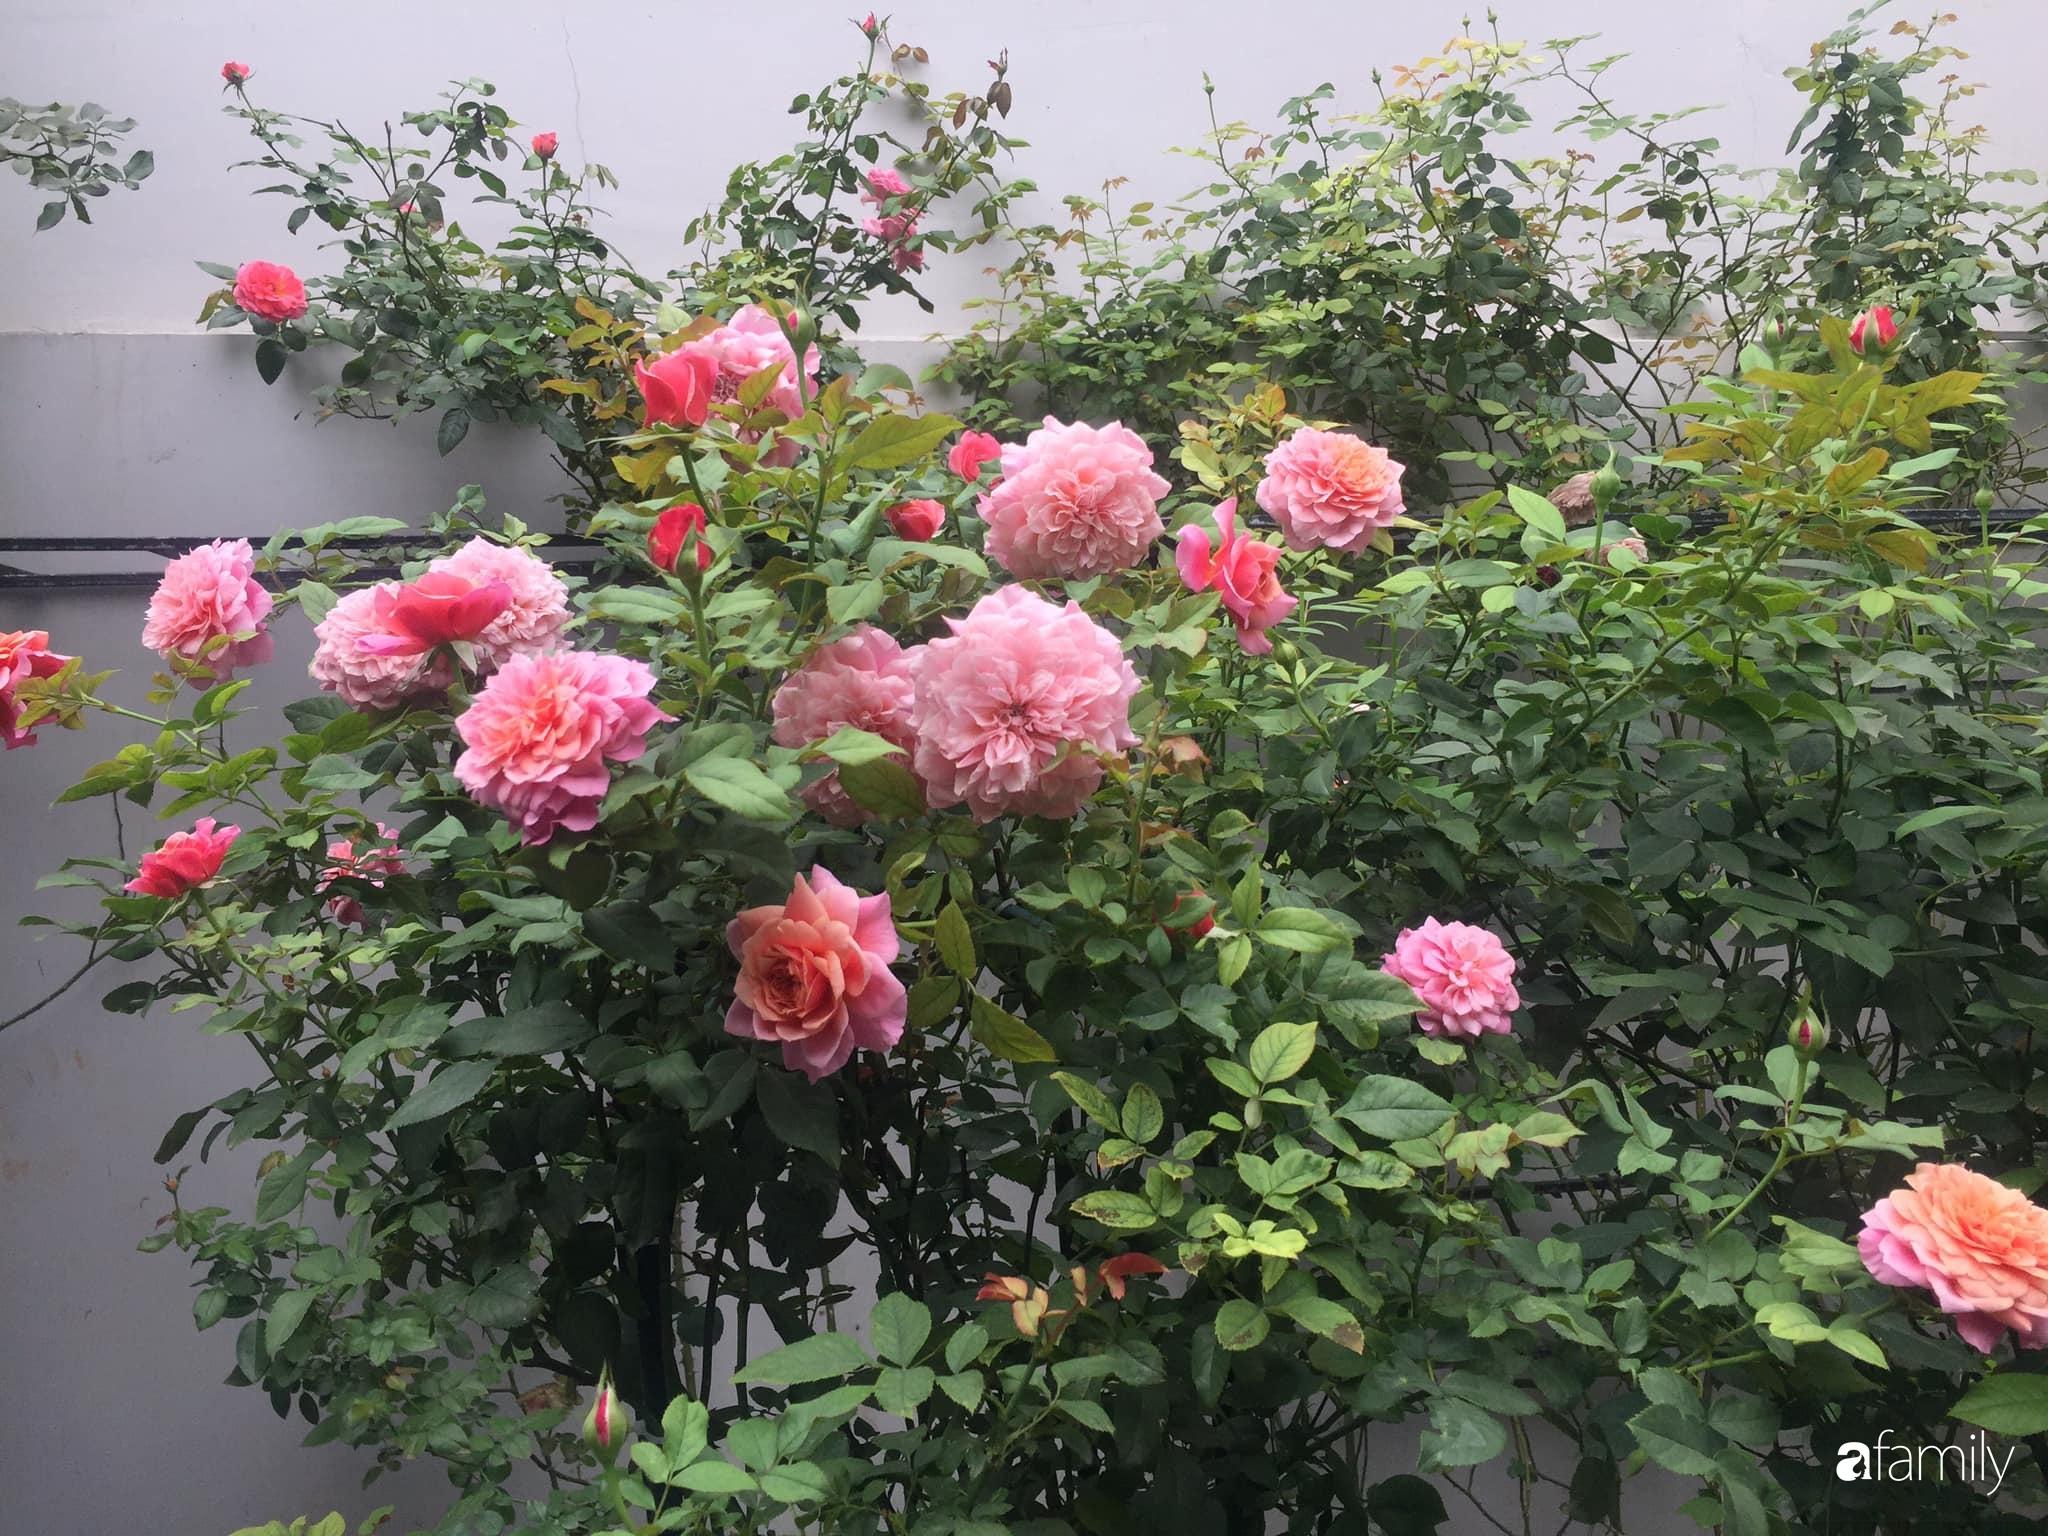 Lối nhỏ vào nhà níu chân bởi những gốc hồng xanh mướt lá rực rỡ sắc hoa ở Sài Gòn - Ảnh 14.